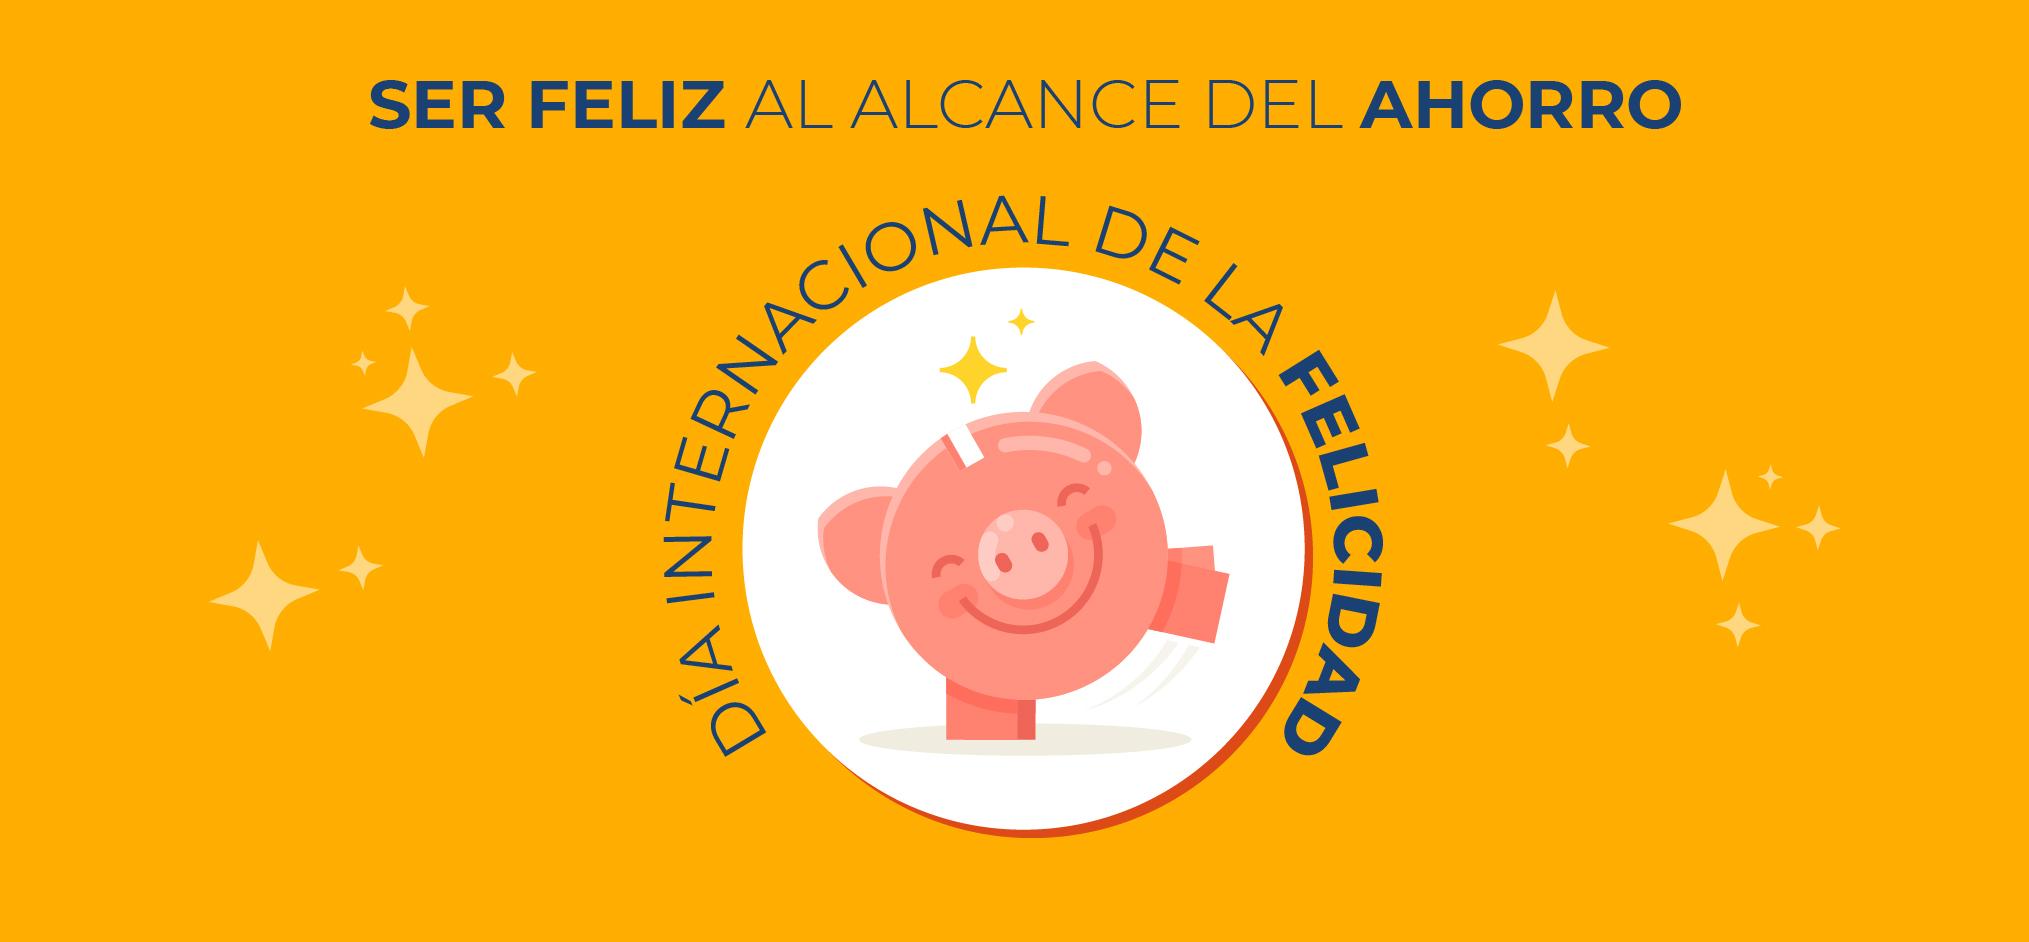 Blog: Día internacional de la felicidad, la felicidad al alcance del ahorro.